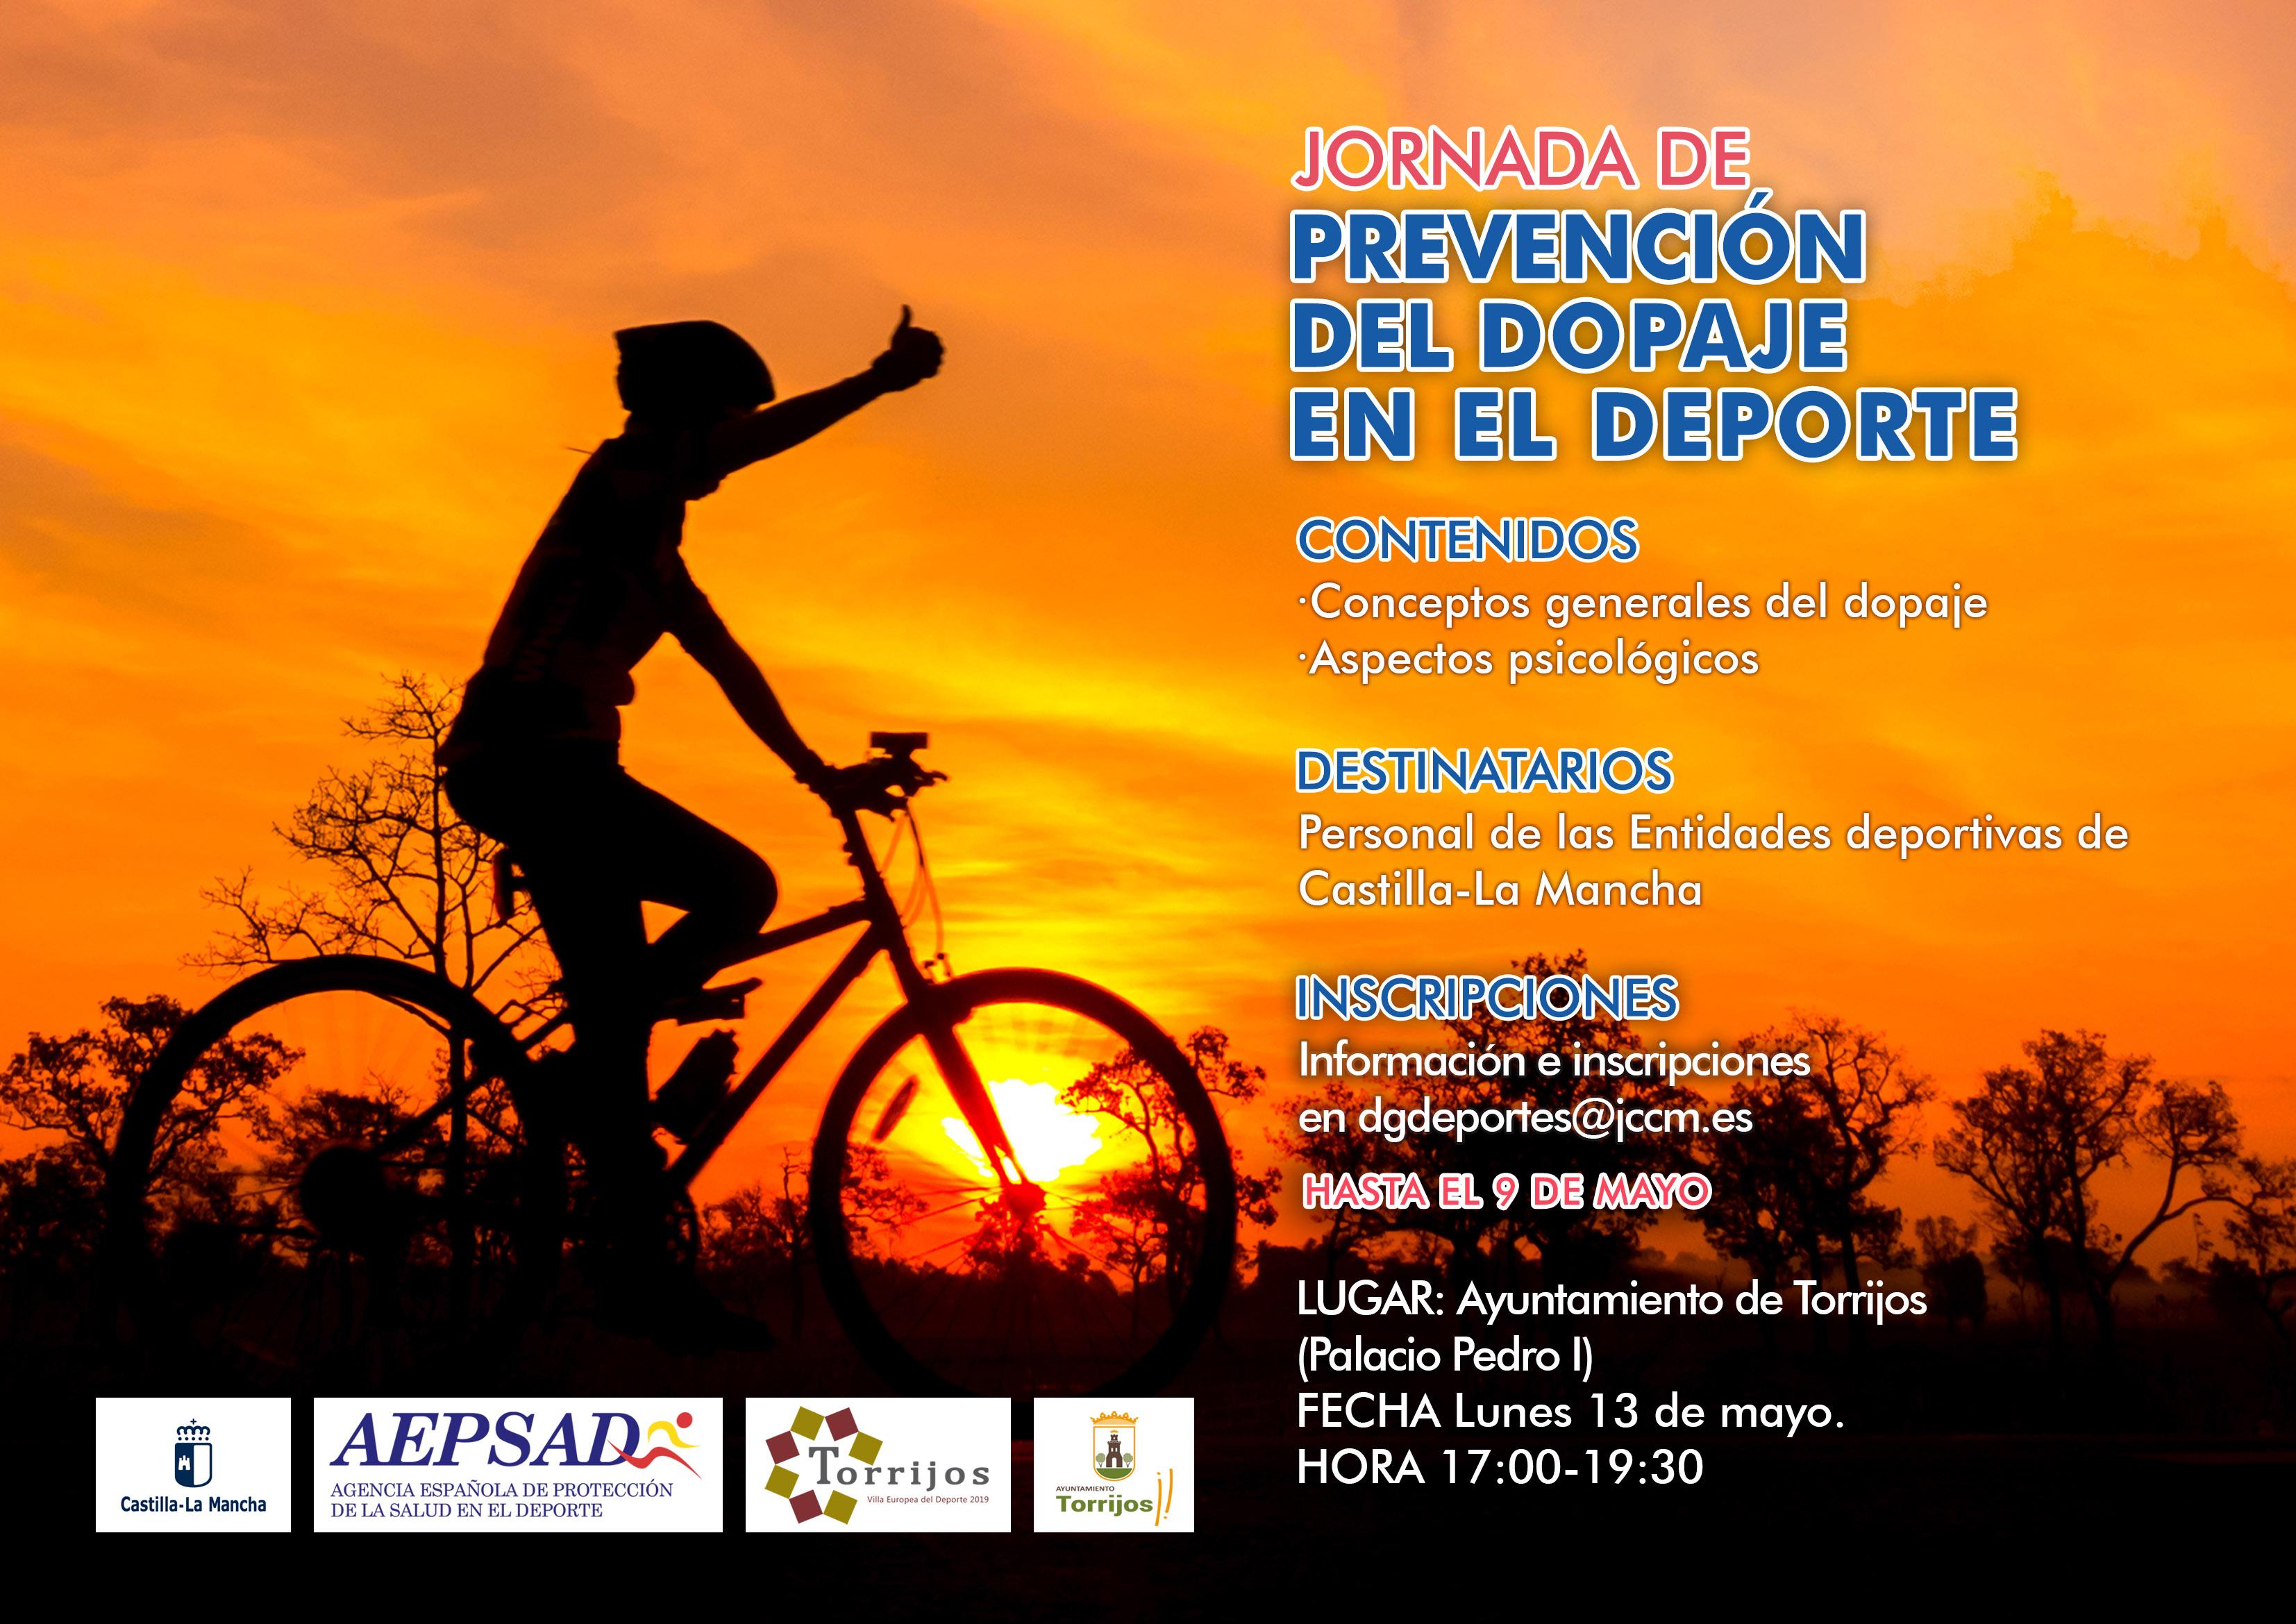 cartel Jornada de prevención del dopaje en el deporte